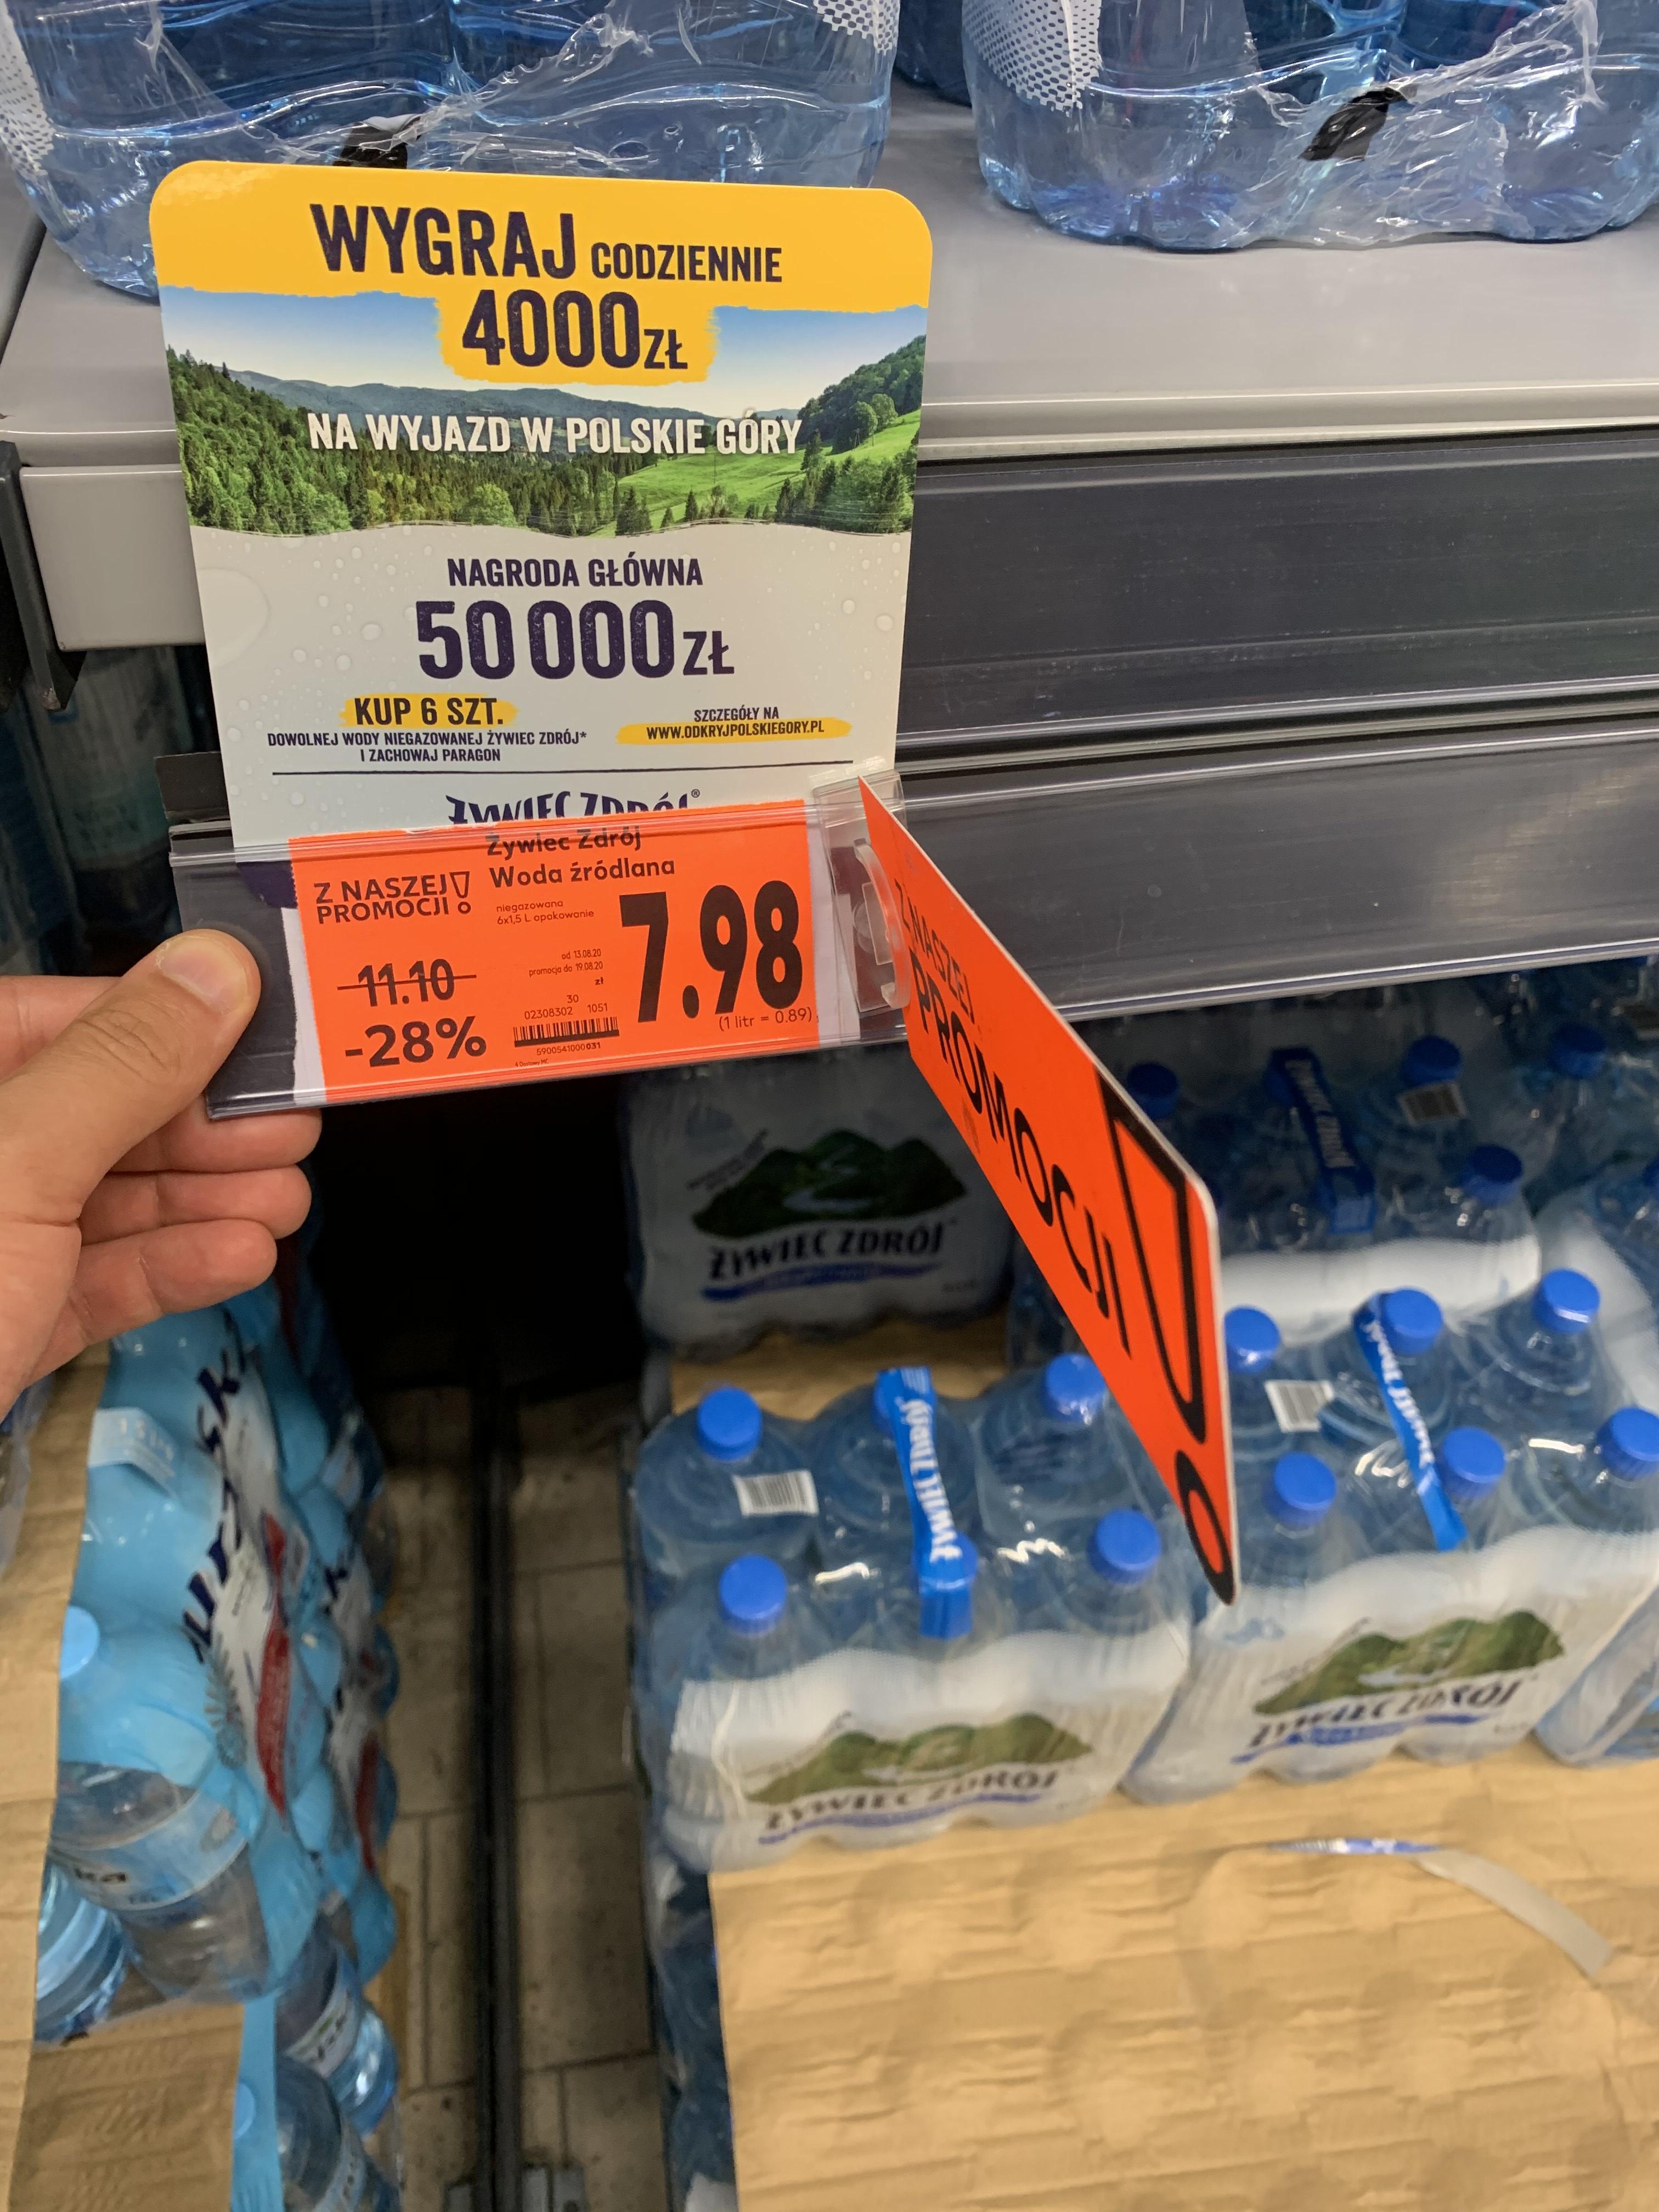 Woda Żywiec Zdrój niegazowana 1,5l przy zakupie 6szt. Kaufland